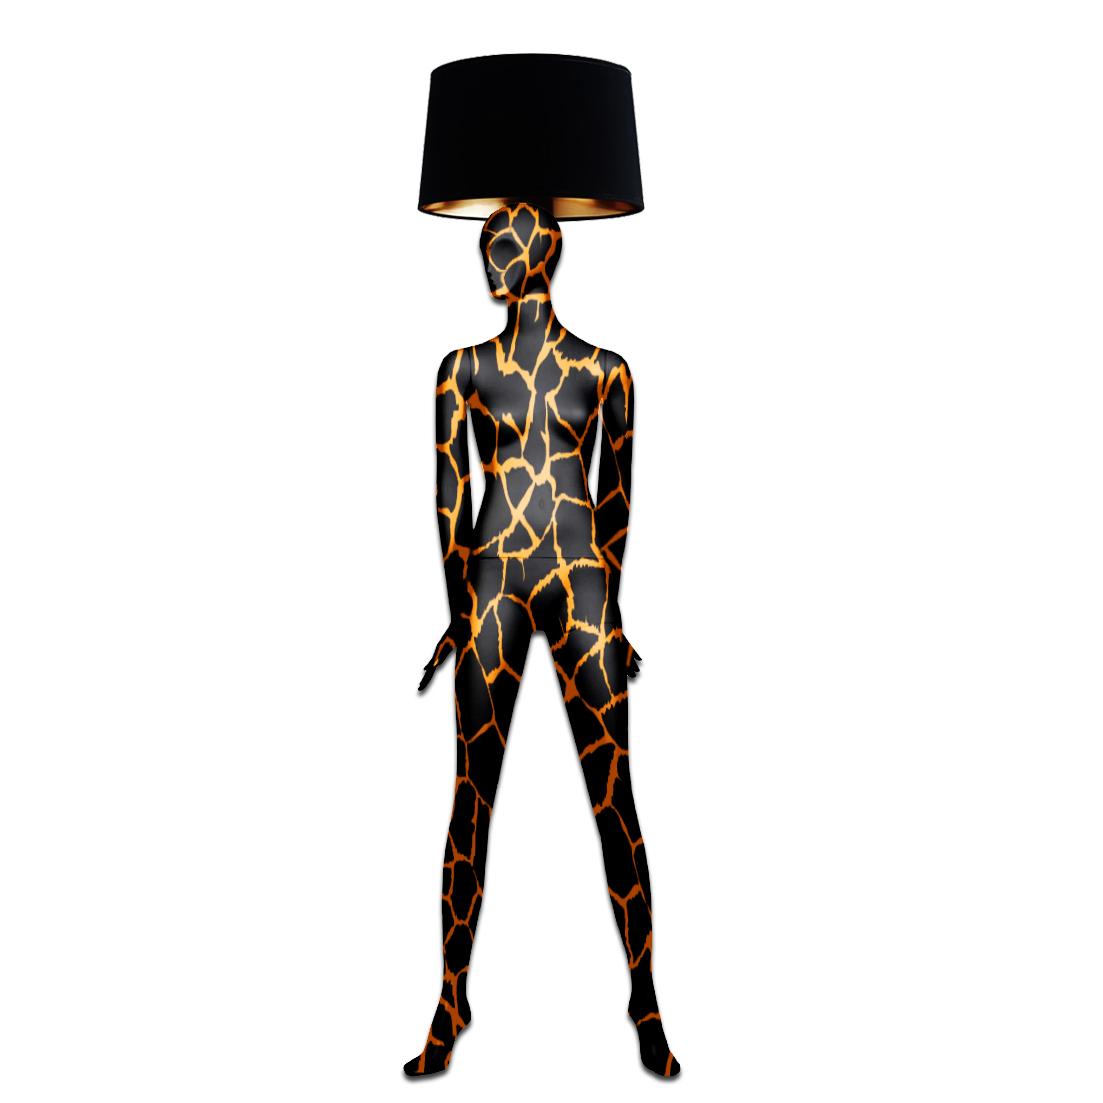 Mannequin Floor Lamp_GOLD VEIN